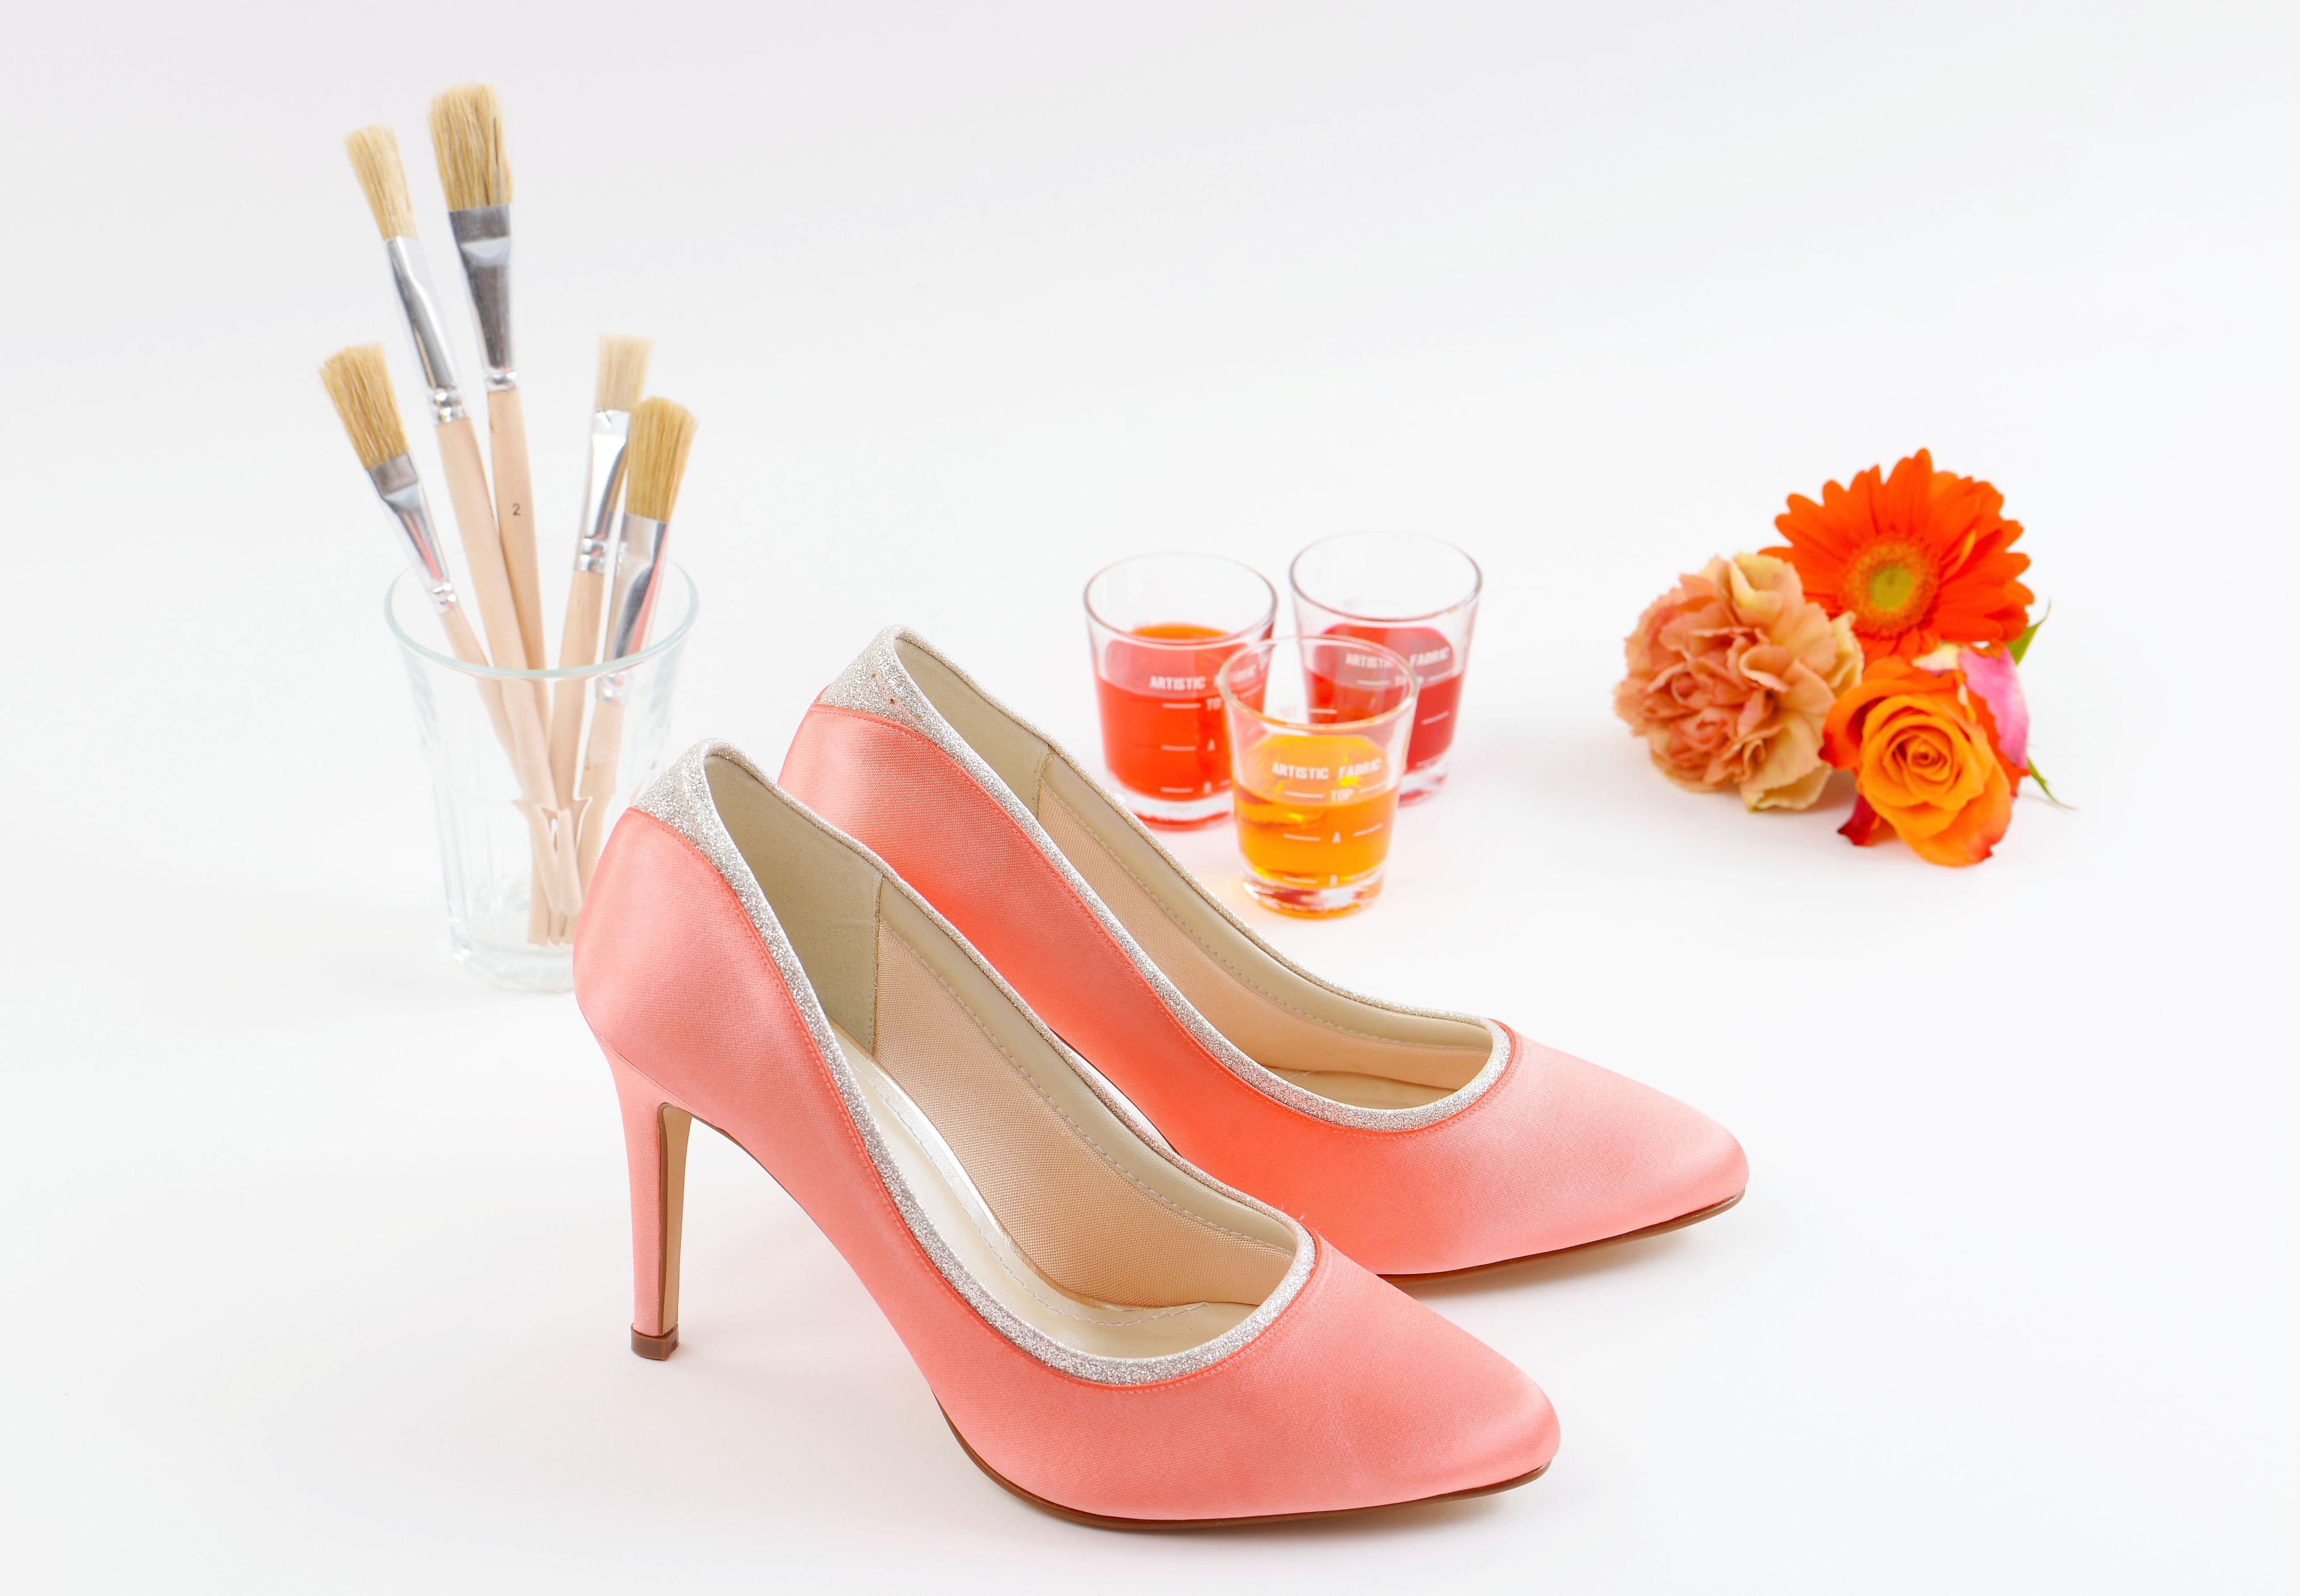 Brautschuhe färben oder bleichen - ganz einfach!   Die Brautschuhe werden im hauseigenen Atelier von verasposa.de von Hand eingefärbt.  Ein Stückchen Stoff als Vorlage genügt, um die Farbe passend zu Ihrem Outfit zu bestimmen.  Der Färbeservice eignet sich auch perfekt für die Brautmutter oder für geladene Gäste, damit die Schuhe optimal zum Outfit passen.